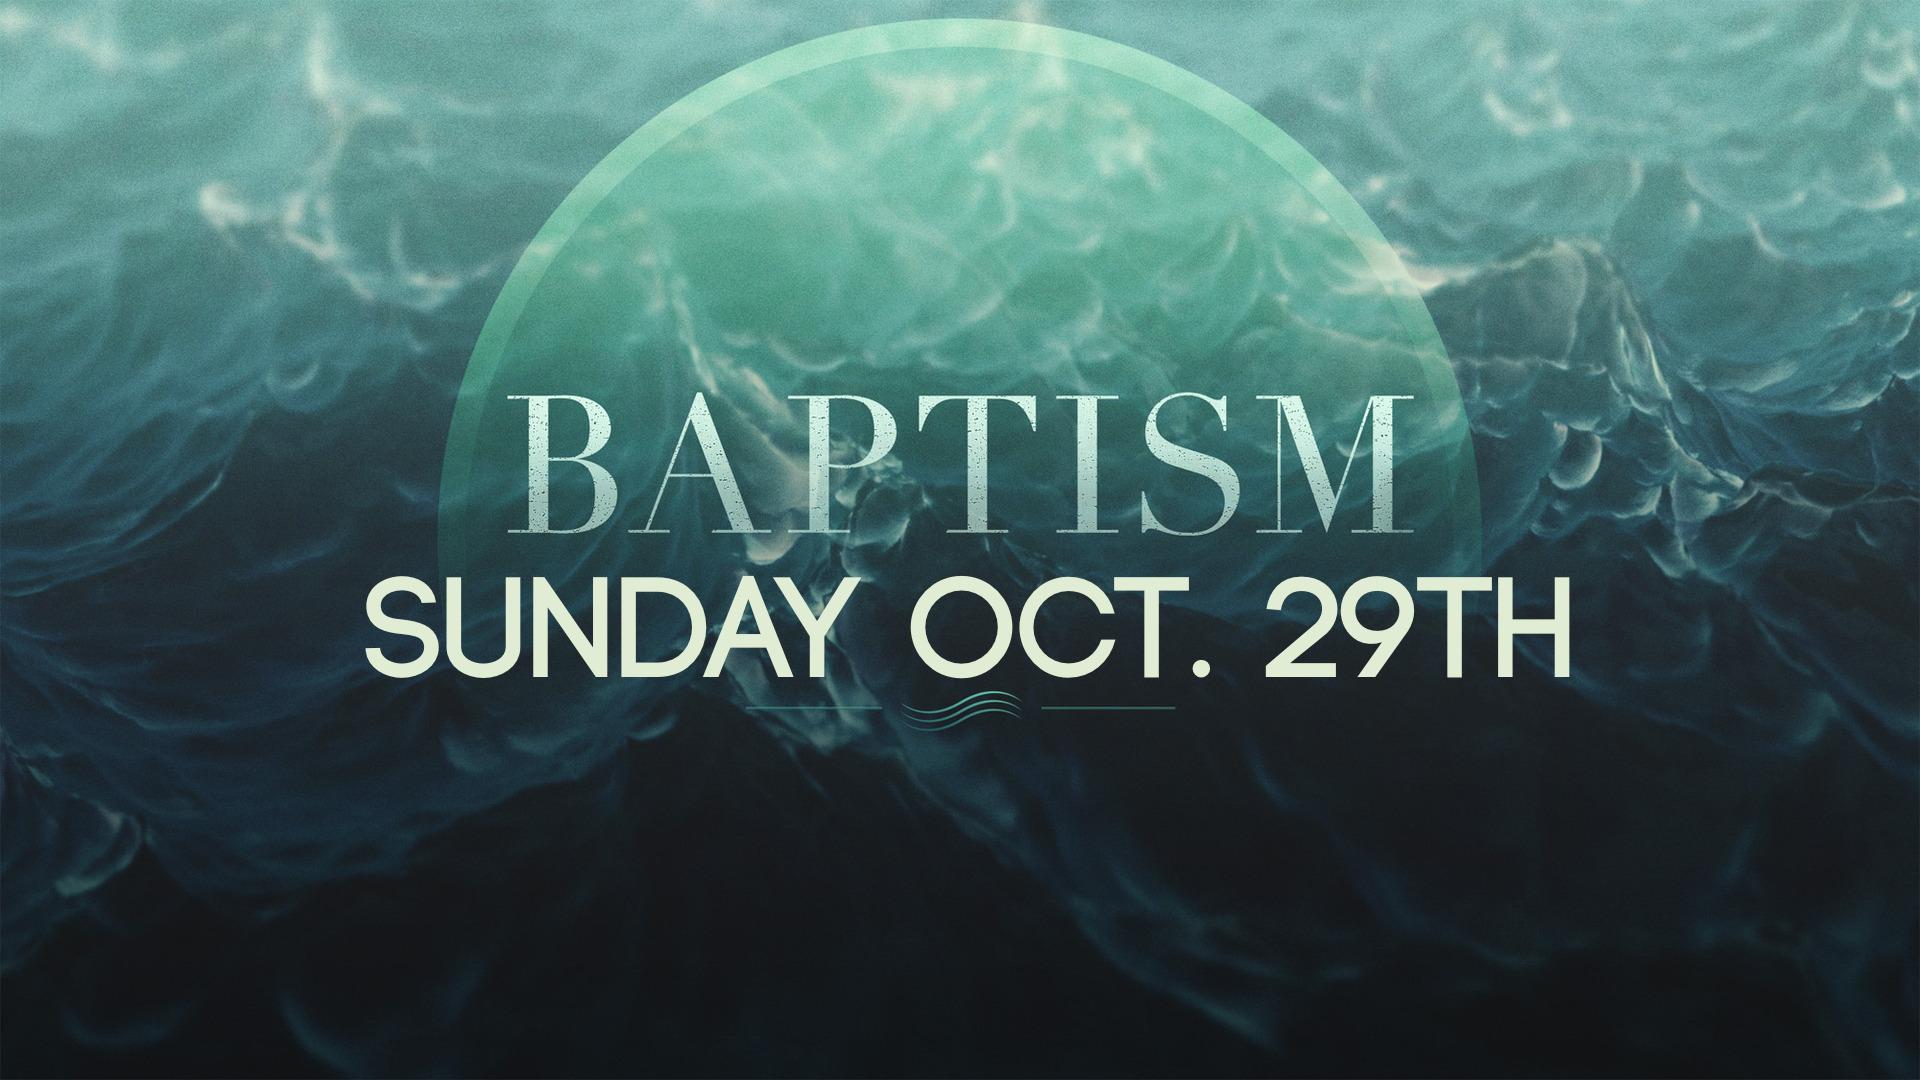 baptism_waves_baptism-title-2-still-16x9.jpg